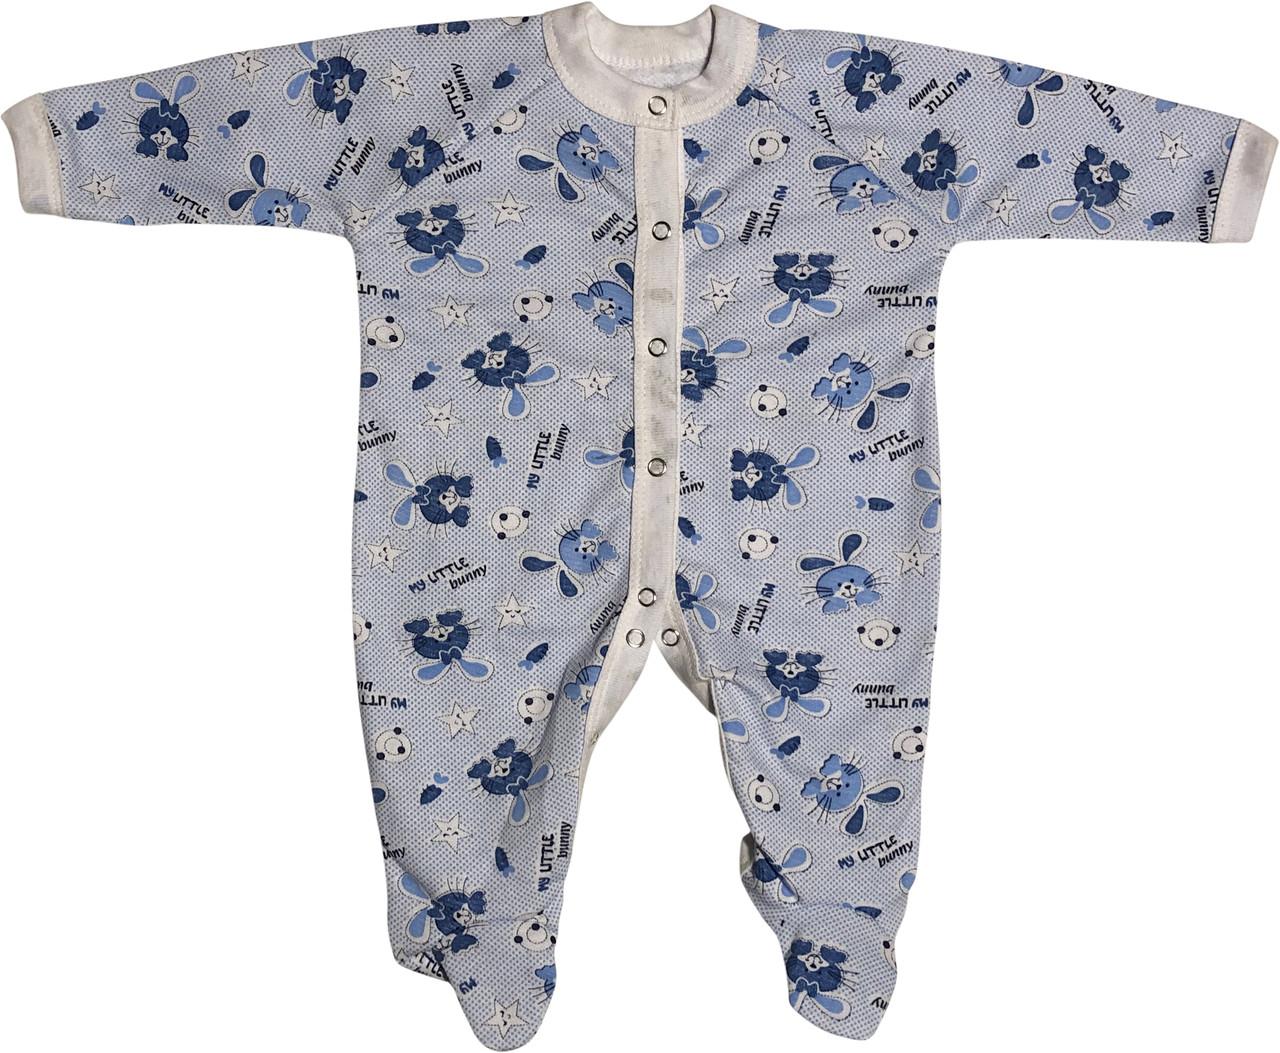 Тёплый человечек с начёсом на мальчика рост 74 6-9 мес для новорожденных слип детский хлопковый футер голубой